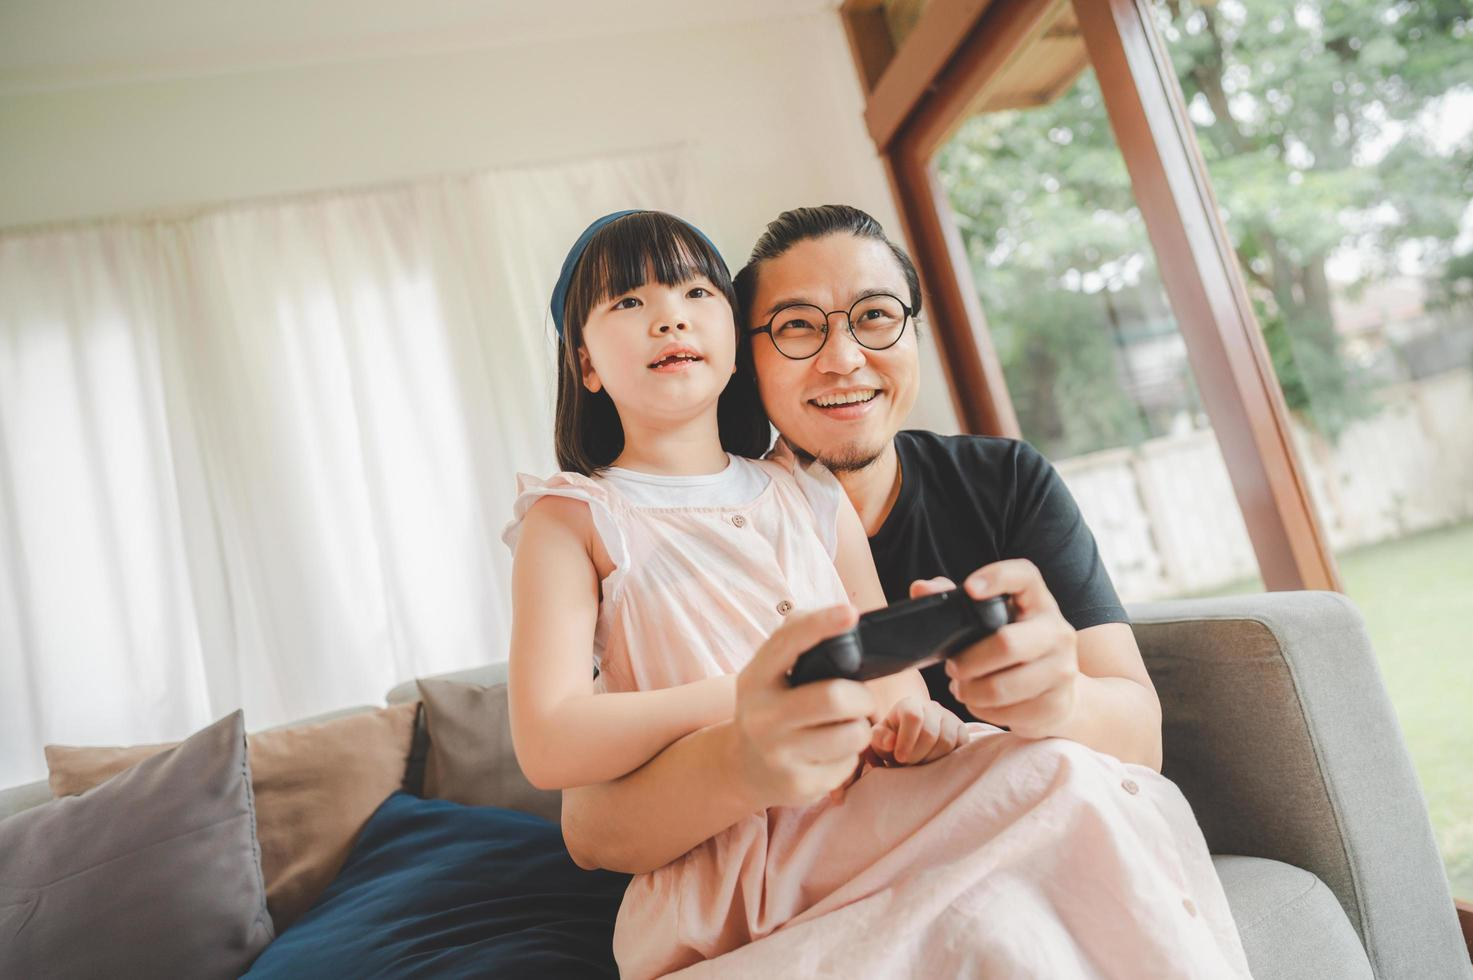 Vater und Tochter spielen Videospiel foto